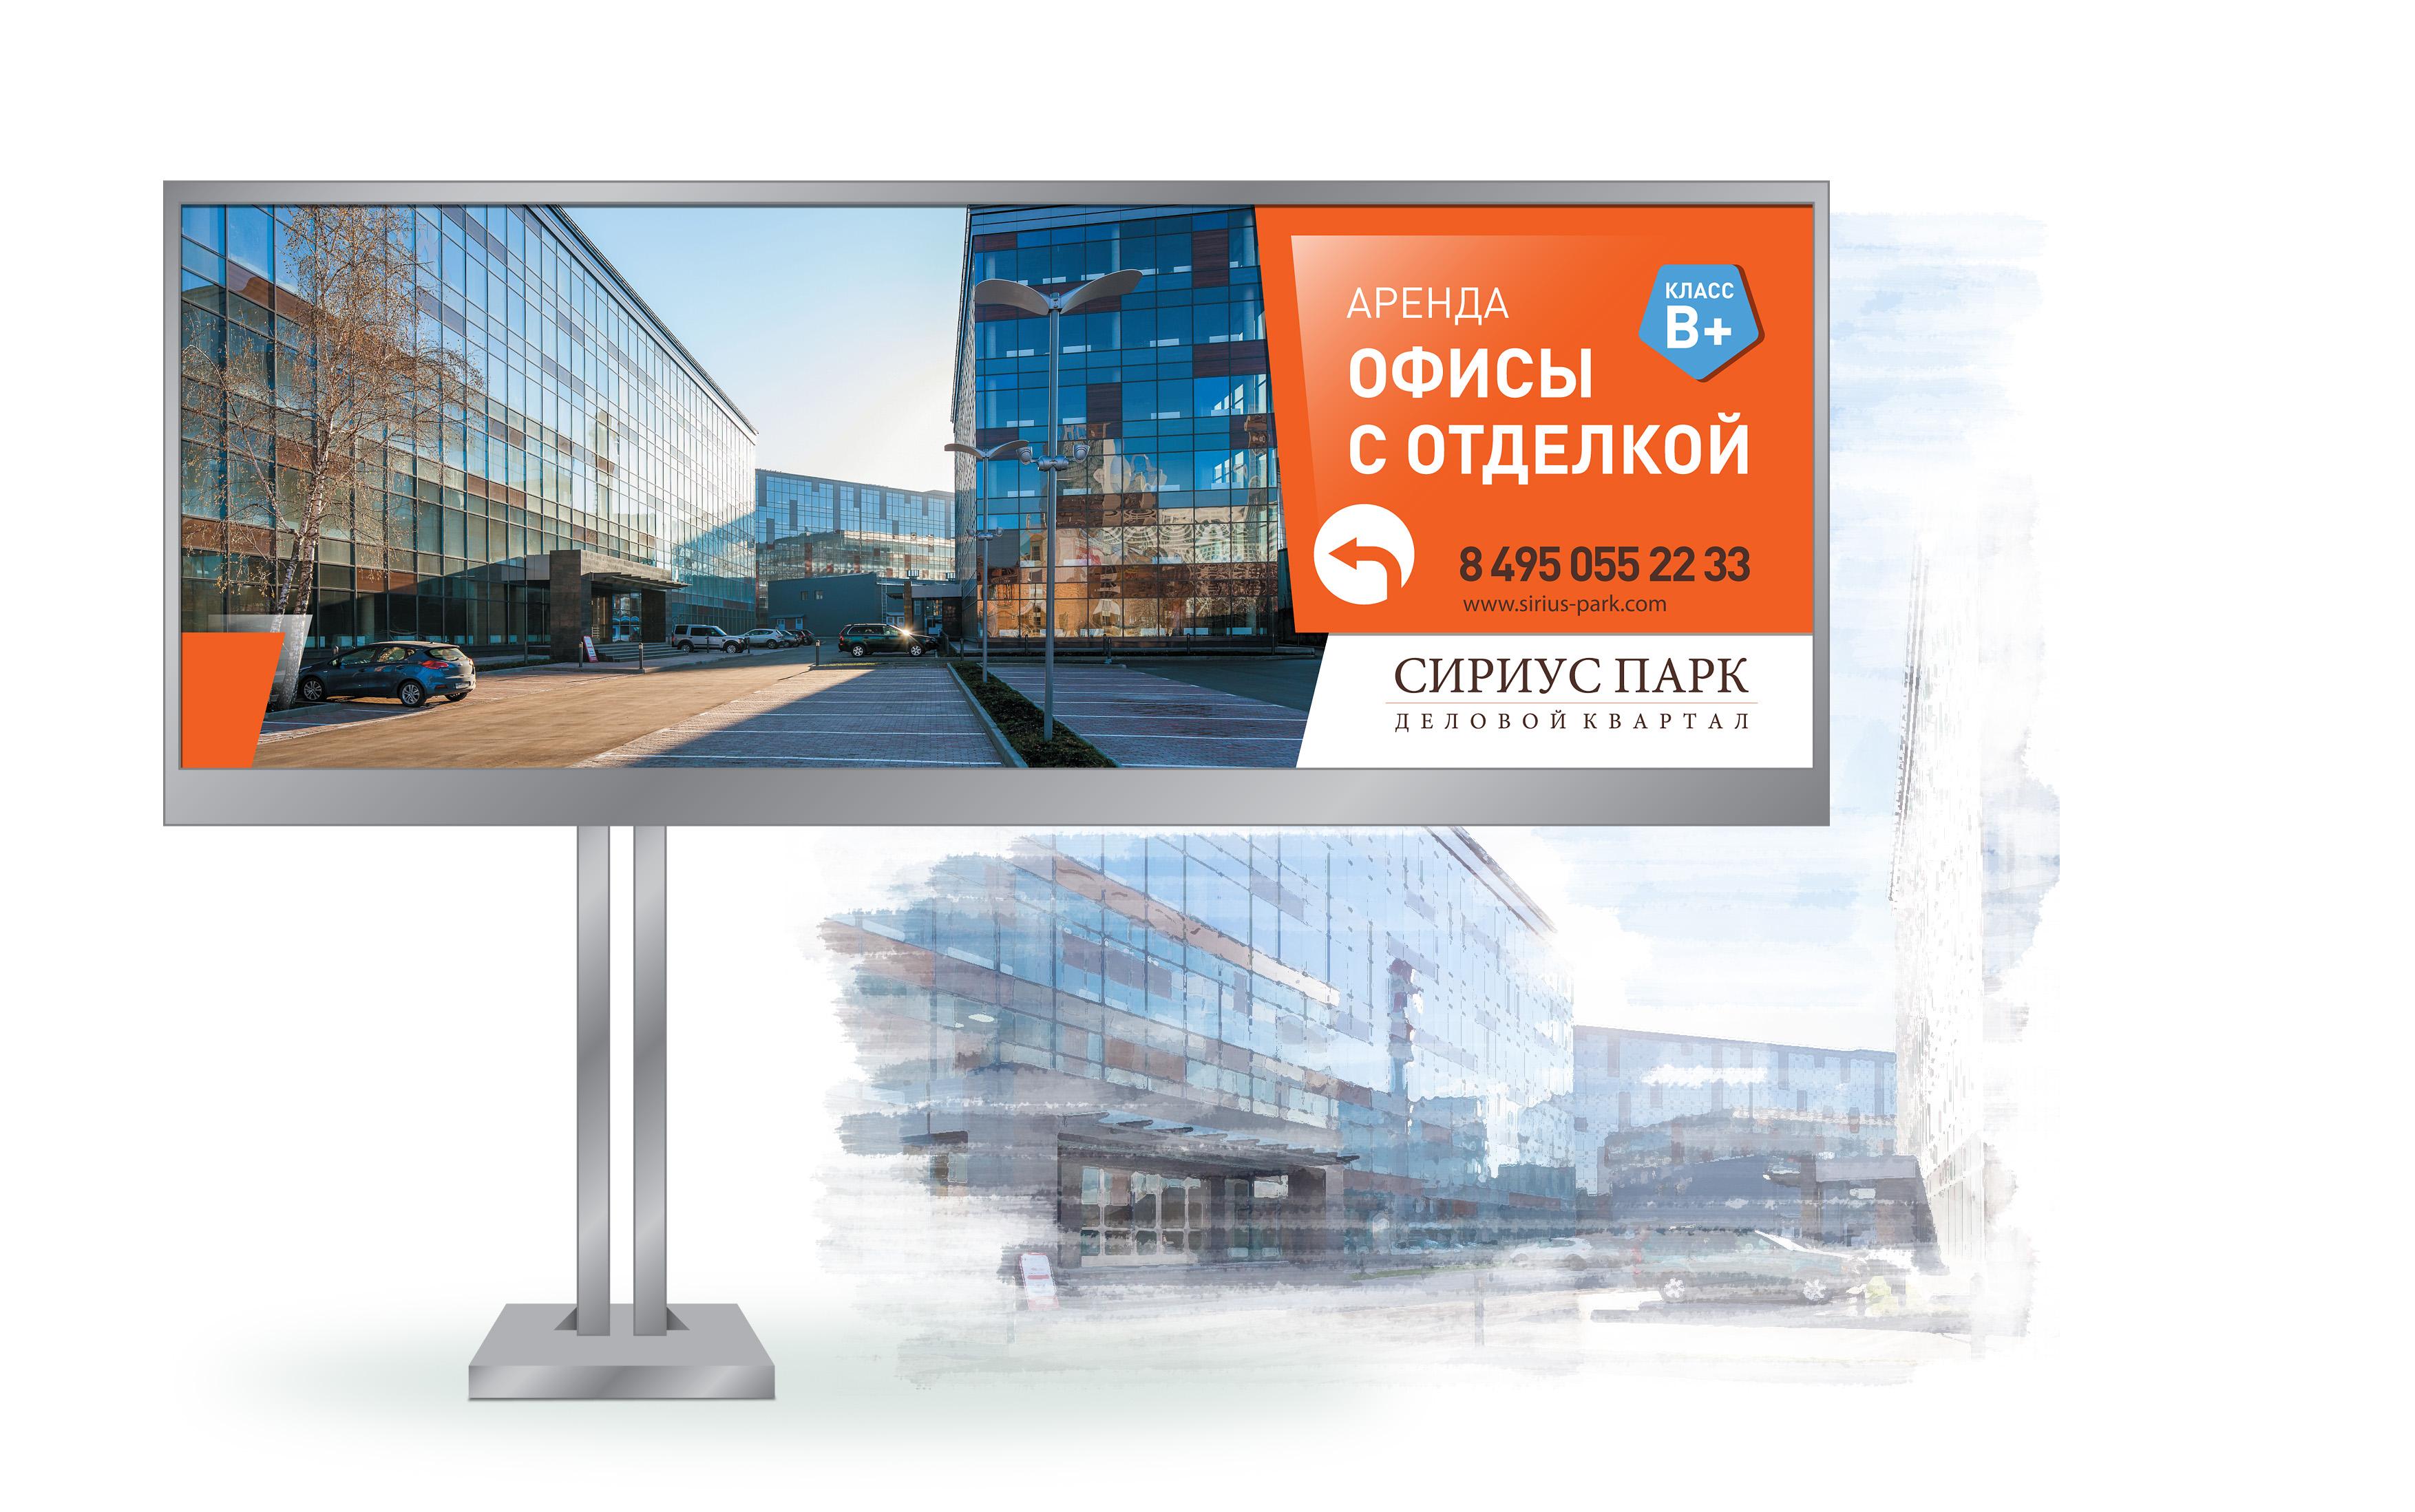 """Дизайн наружной рекламы для делового квартала """"Сириус парк"""""""